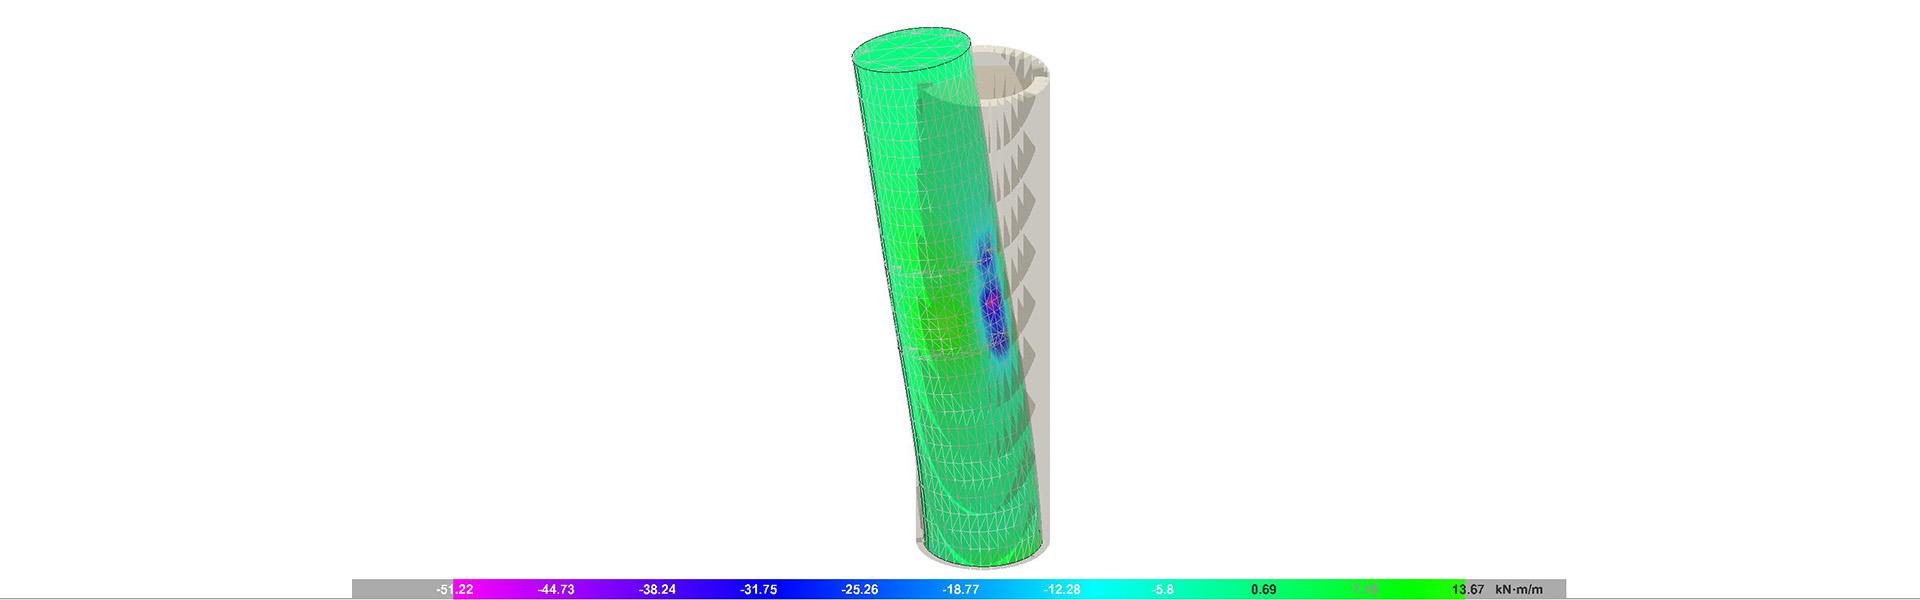 Slider 04 - ACCE Ingeniería